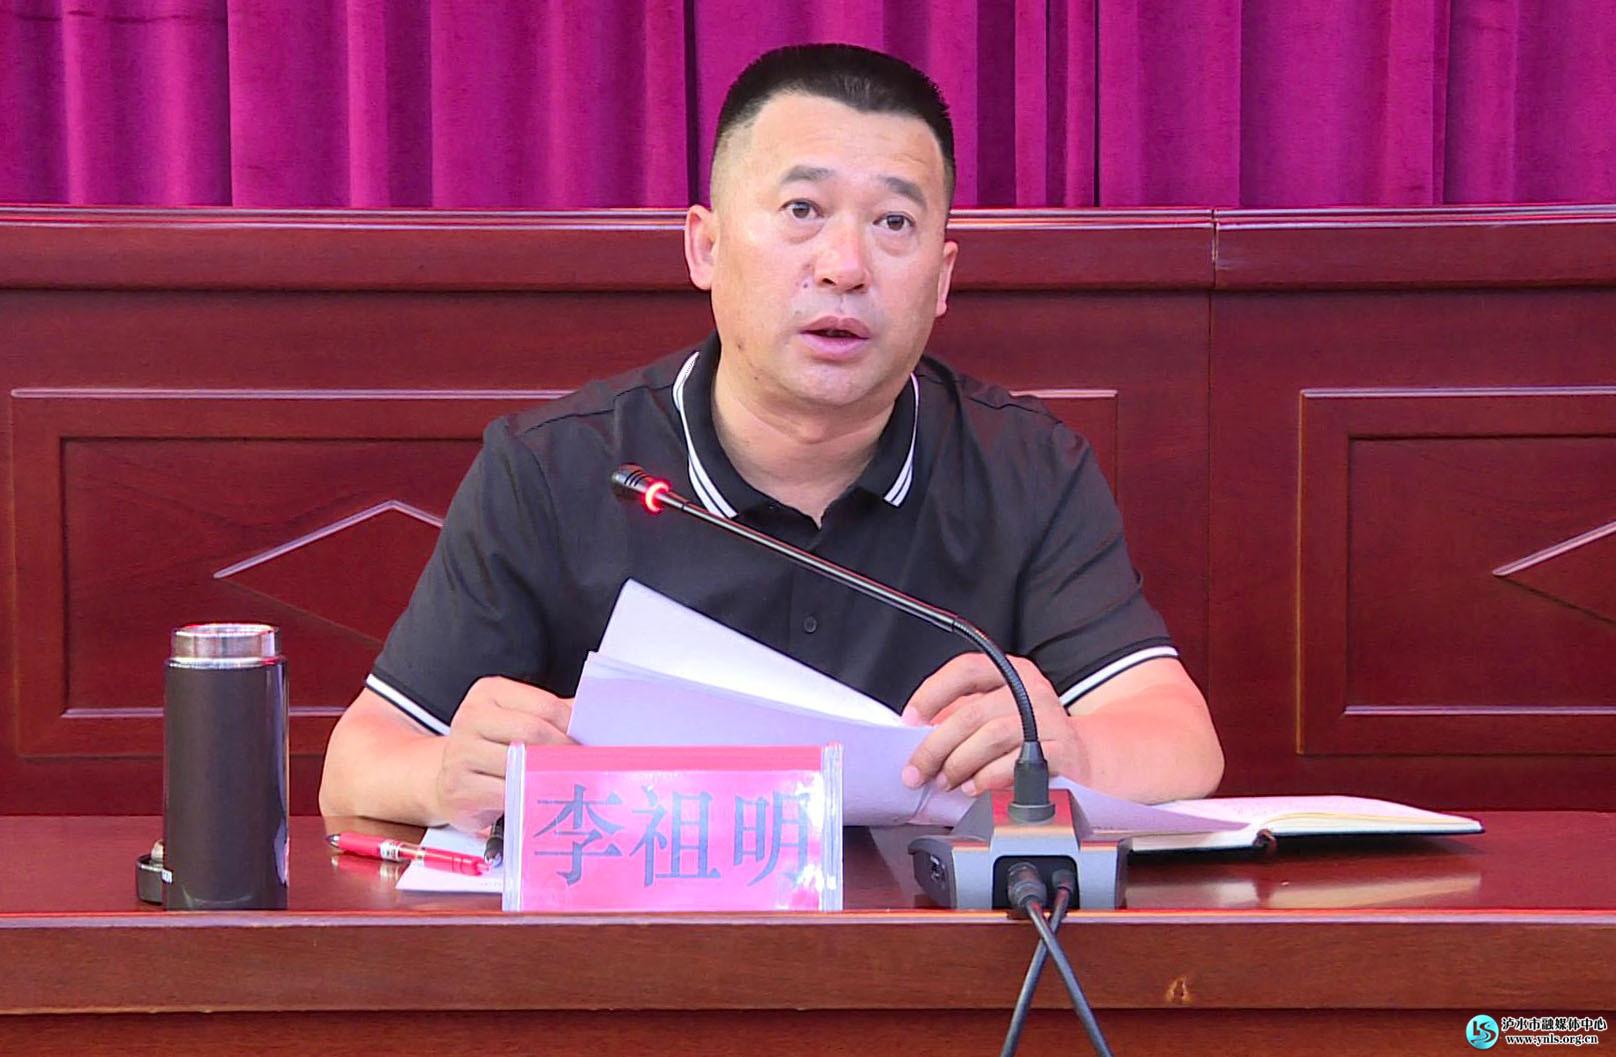 泸水市召开2021年高考工作推进会